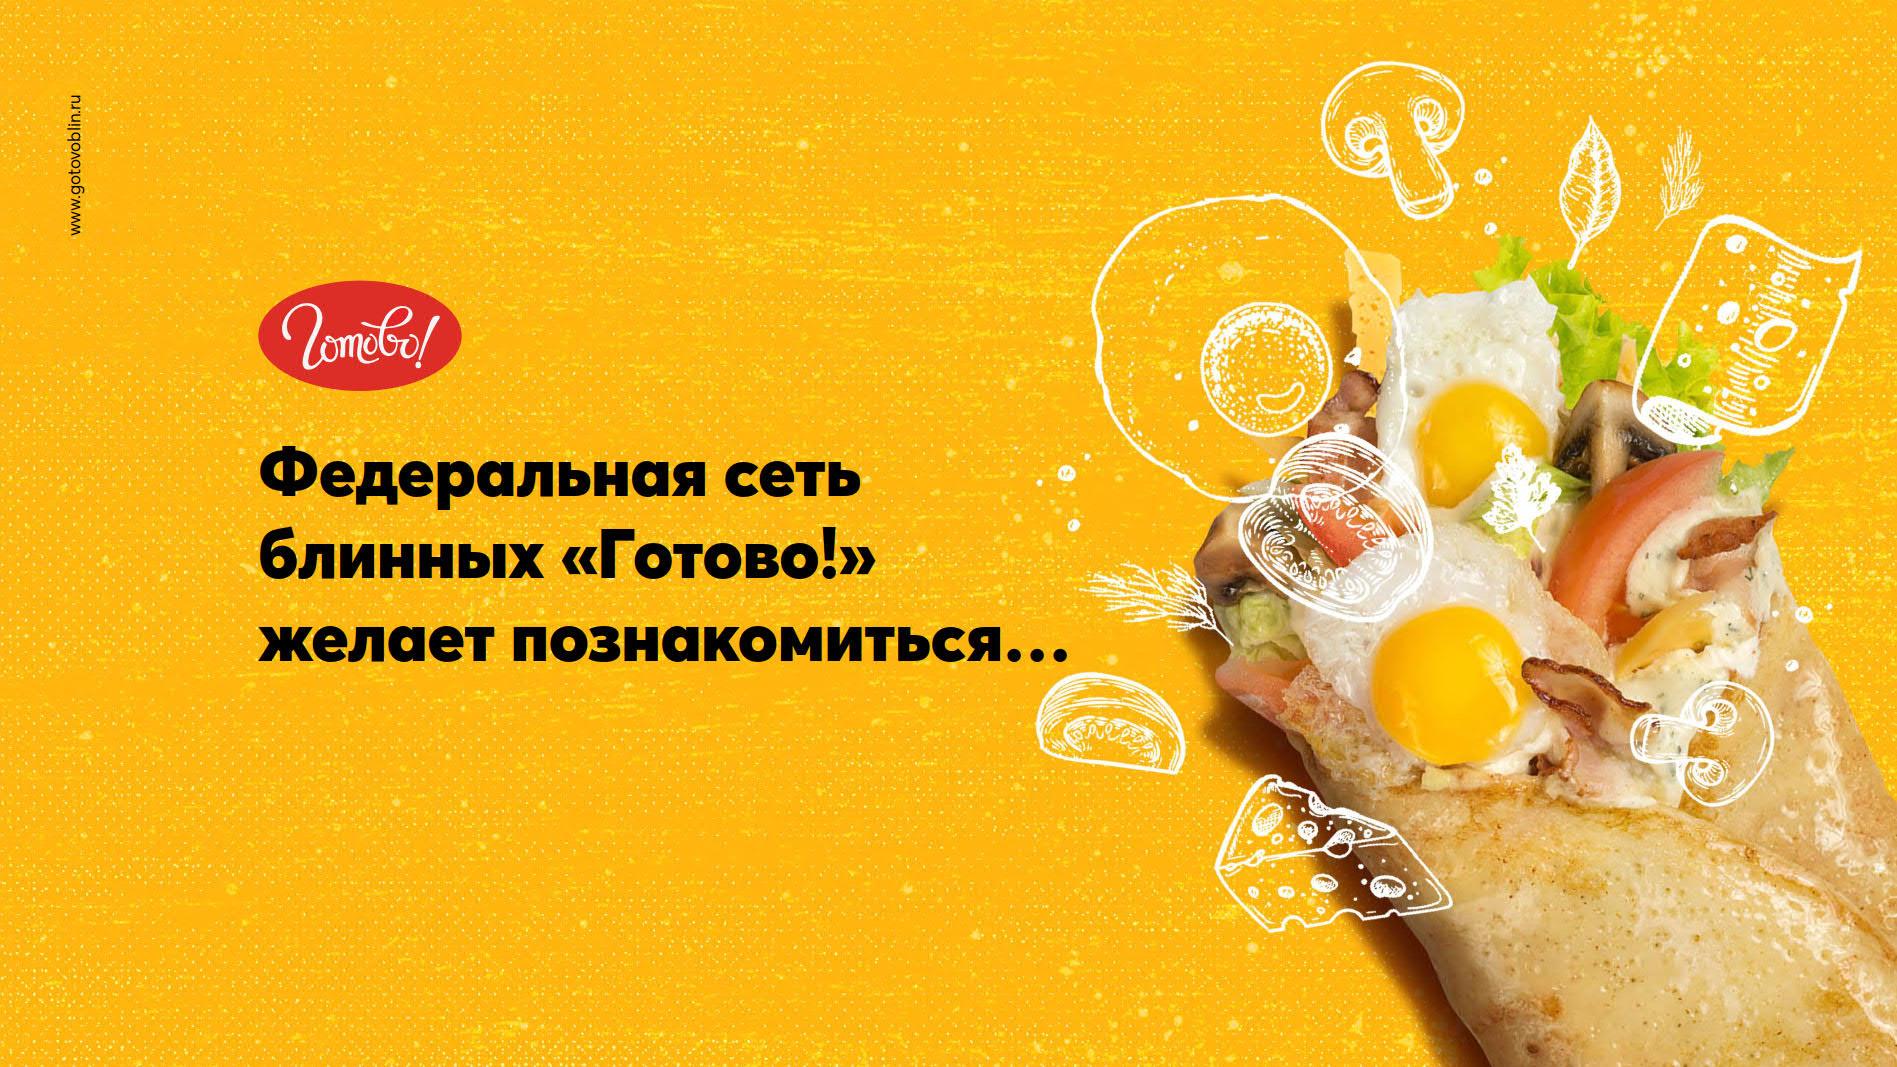 Презентация сети блинных «Готово!» для франчайзи